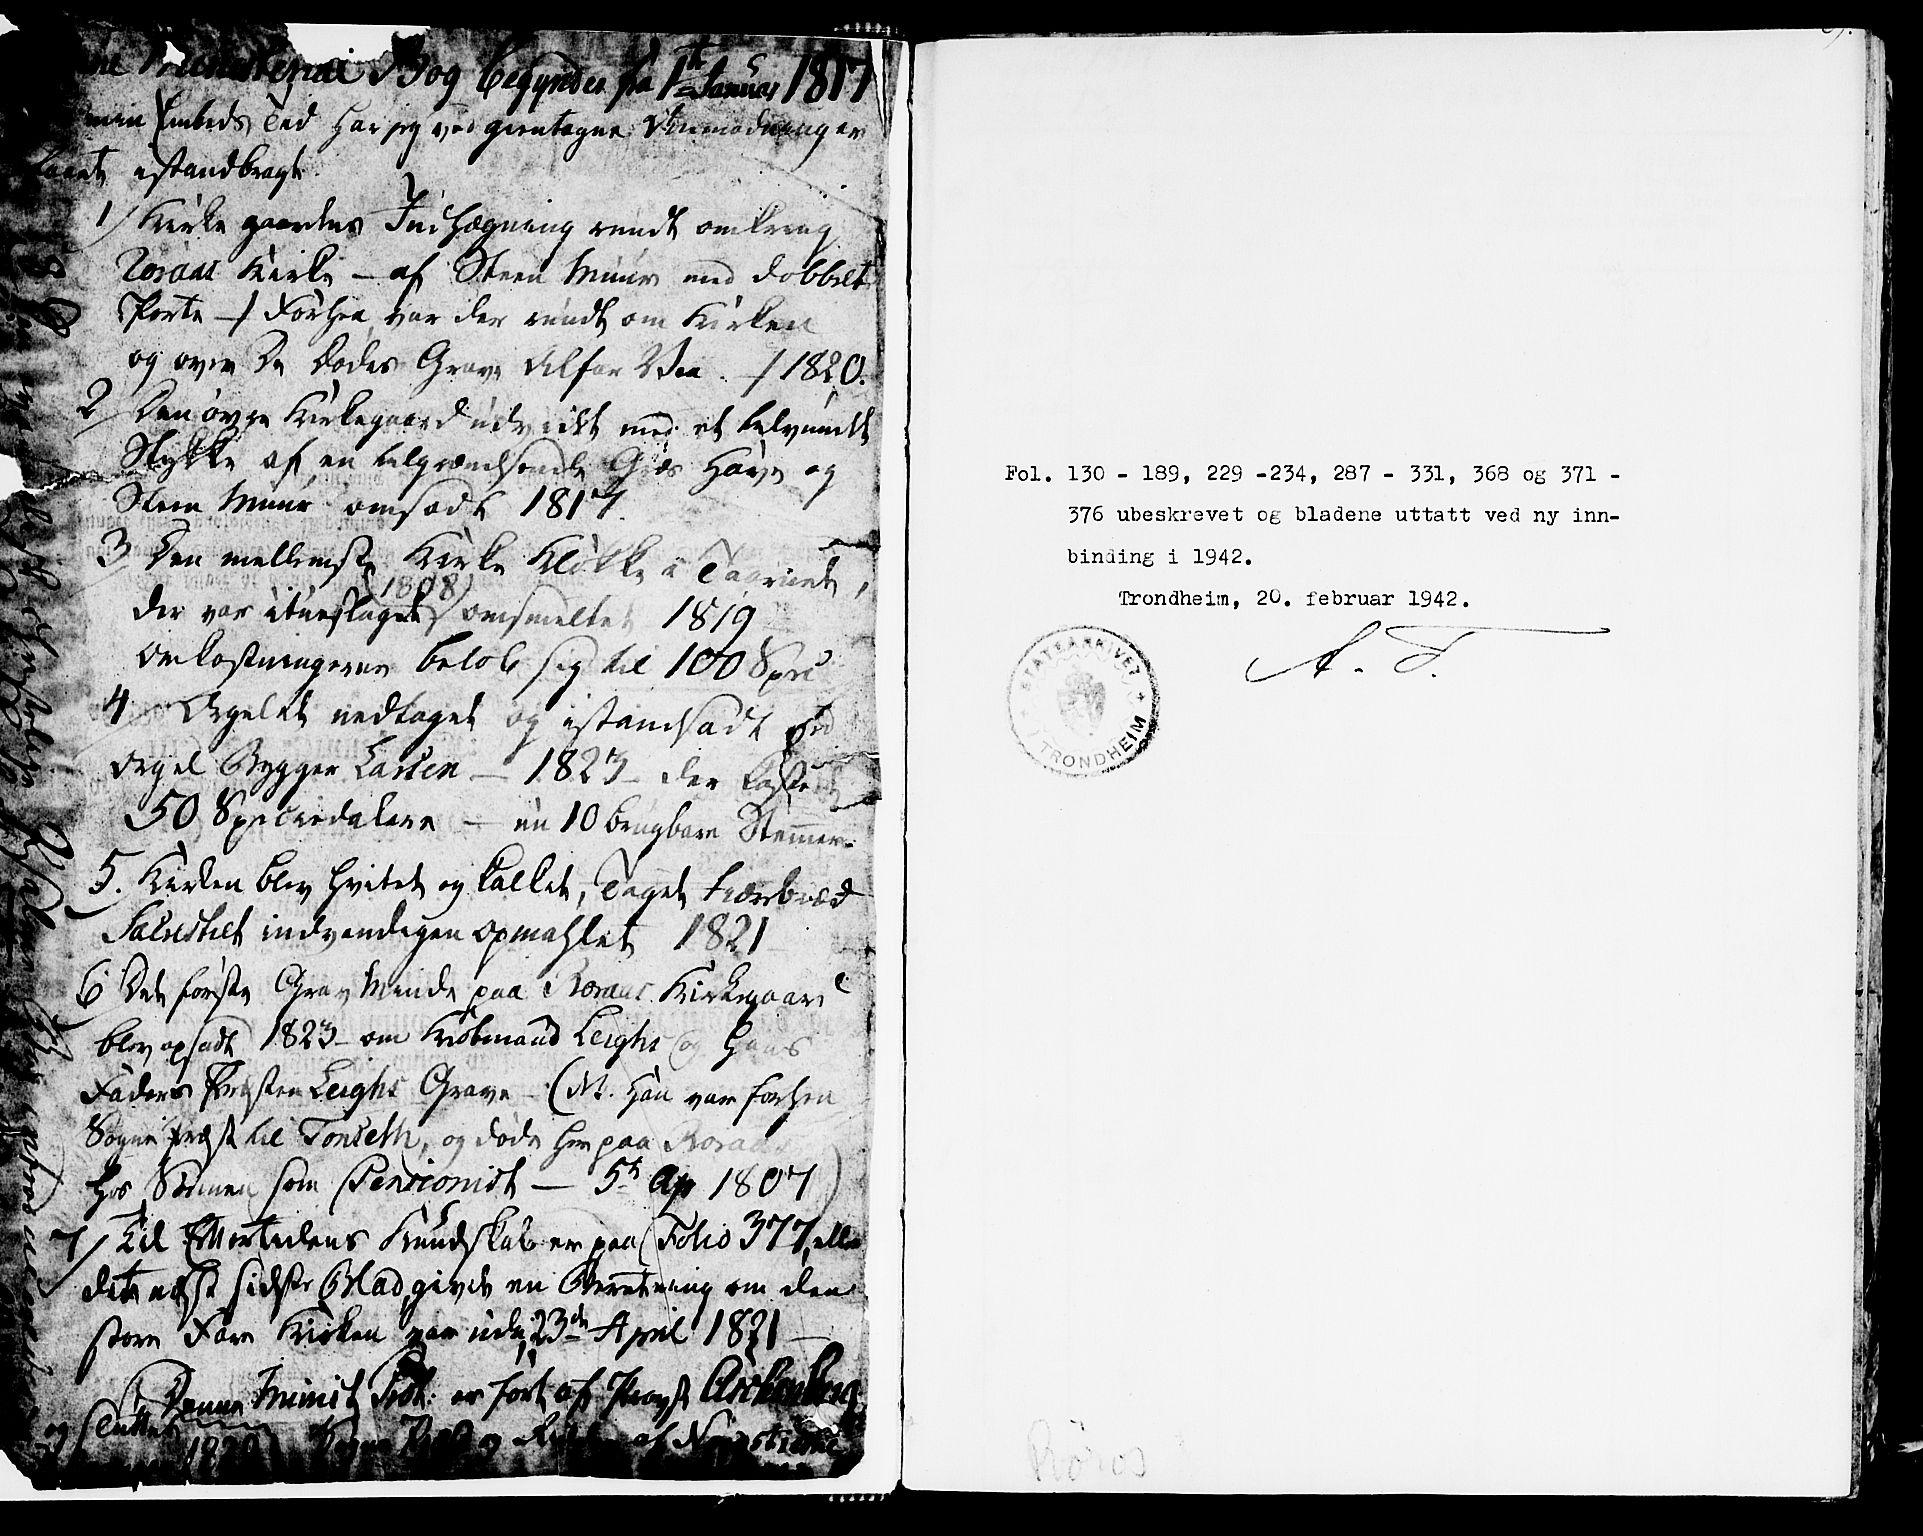 SAT, Ministerialprotokoller, klokkerbøker og fødselsregistre - Sør-Trøndelag, 681/L0929: Ministerialbok nr. 681A07, 1817-1828